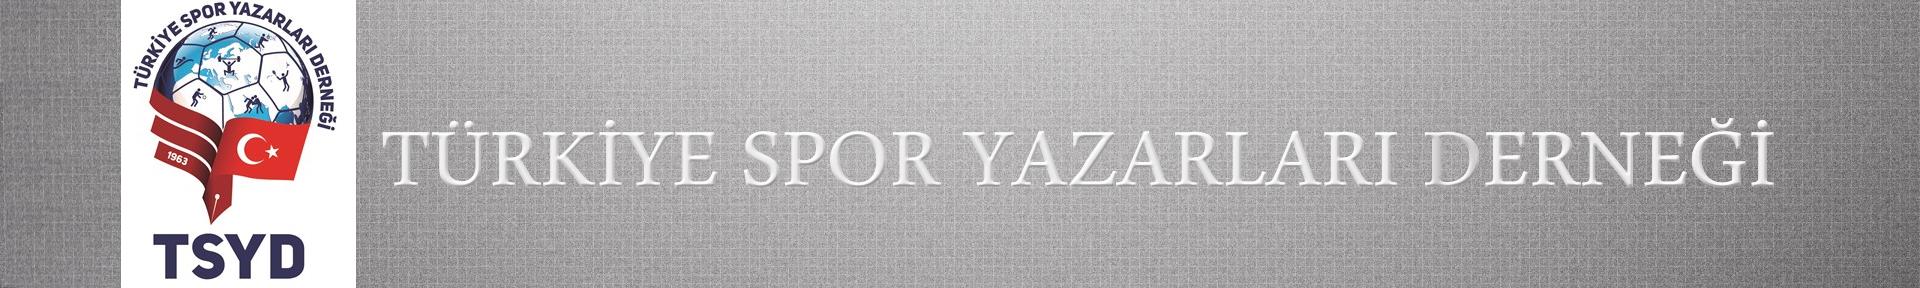 Türkiye Spor Yazarları Derneği